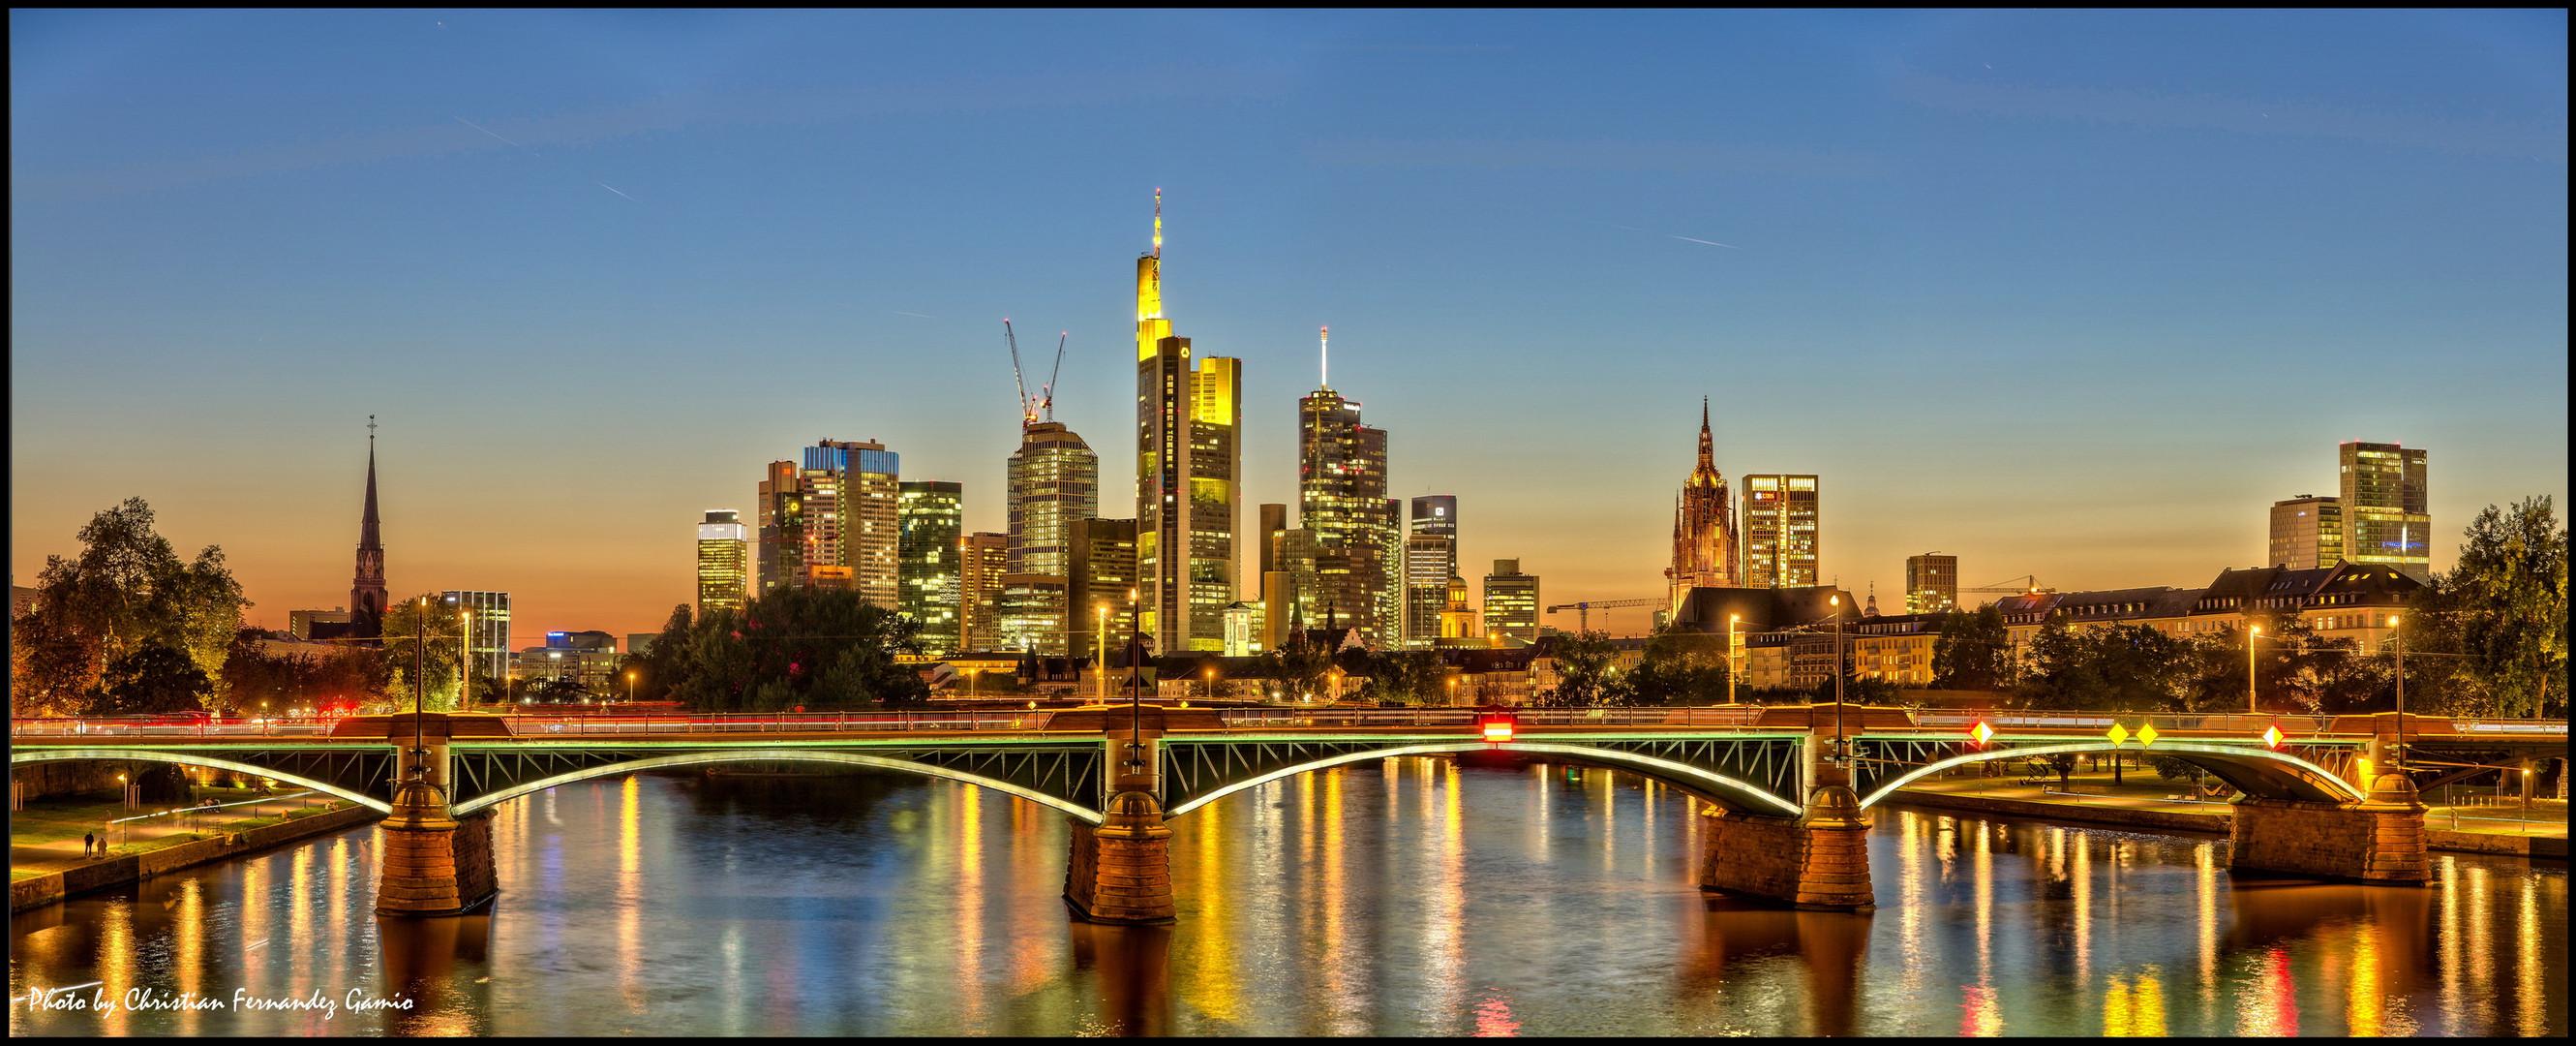 Frankfurt am Main - Mainhattenblick